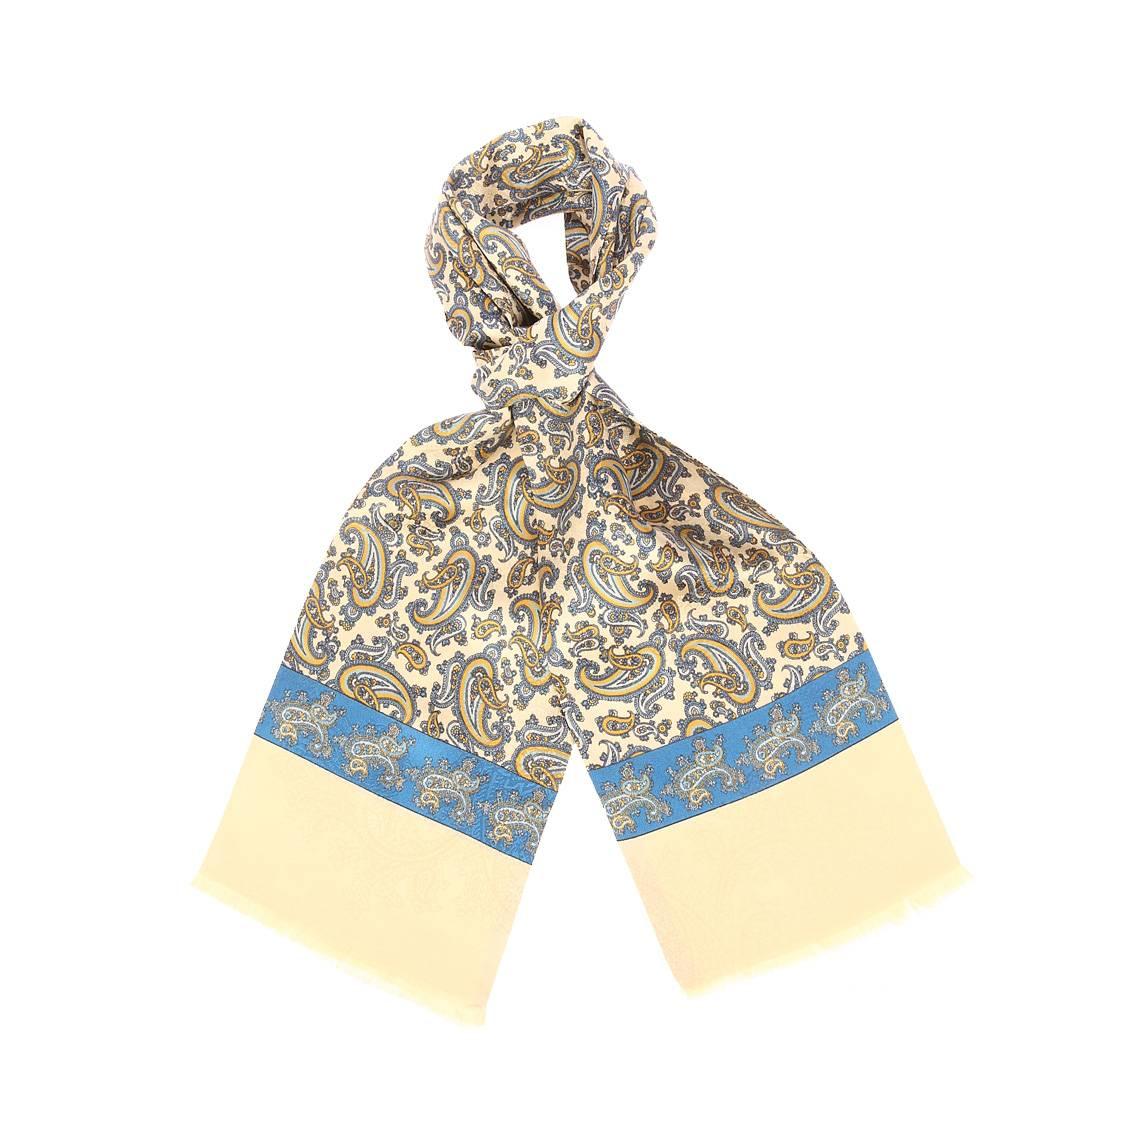 Echarpe en soie  dorée à motifs cachemires bleus et jaunes